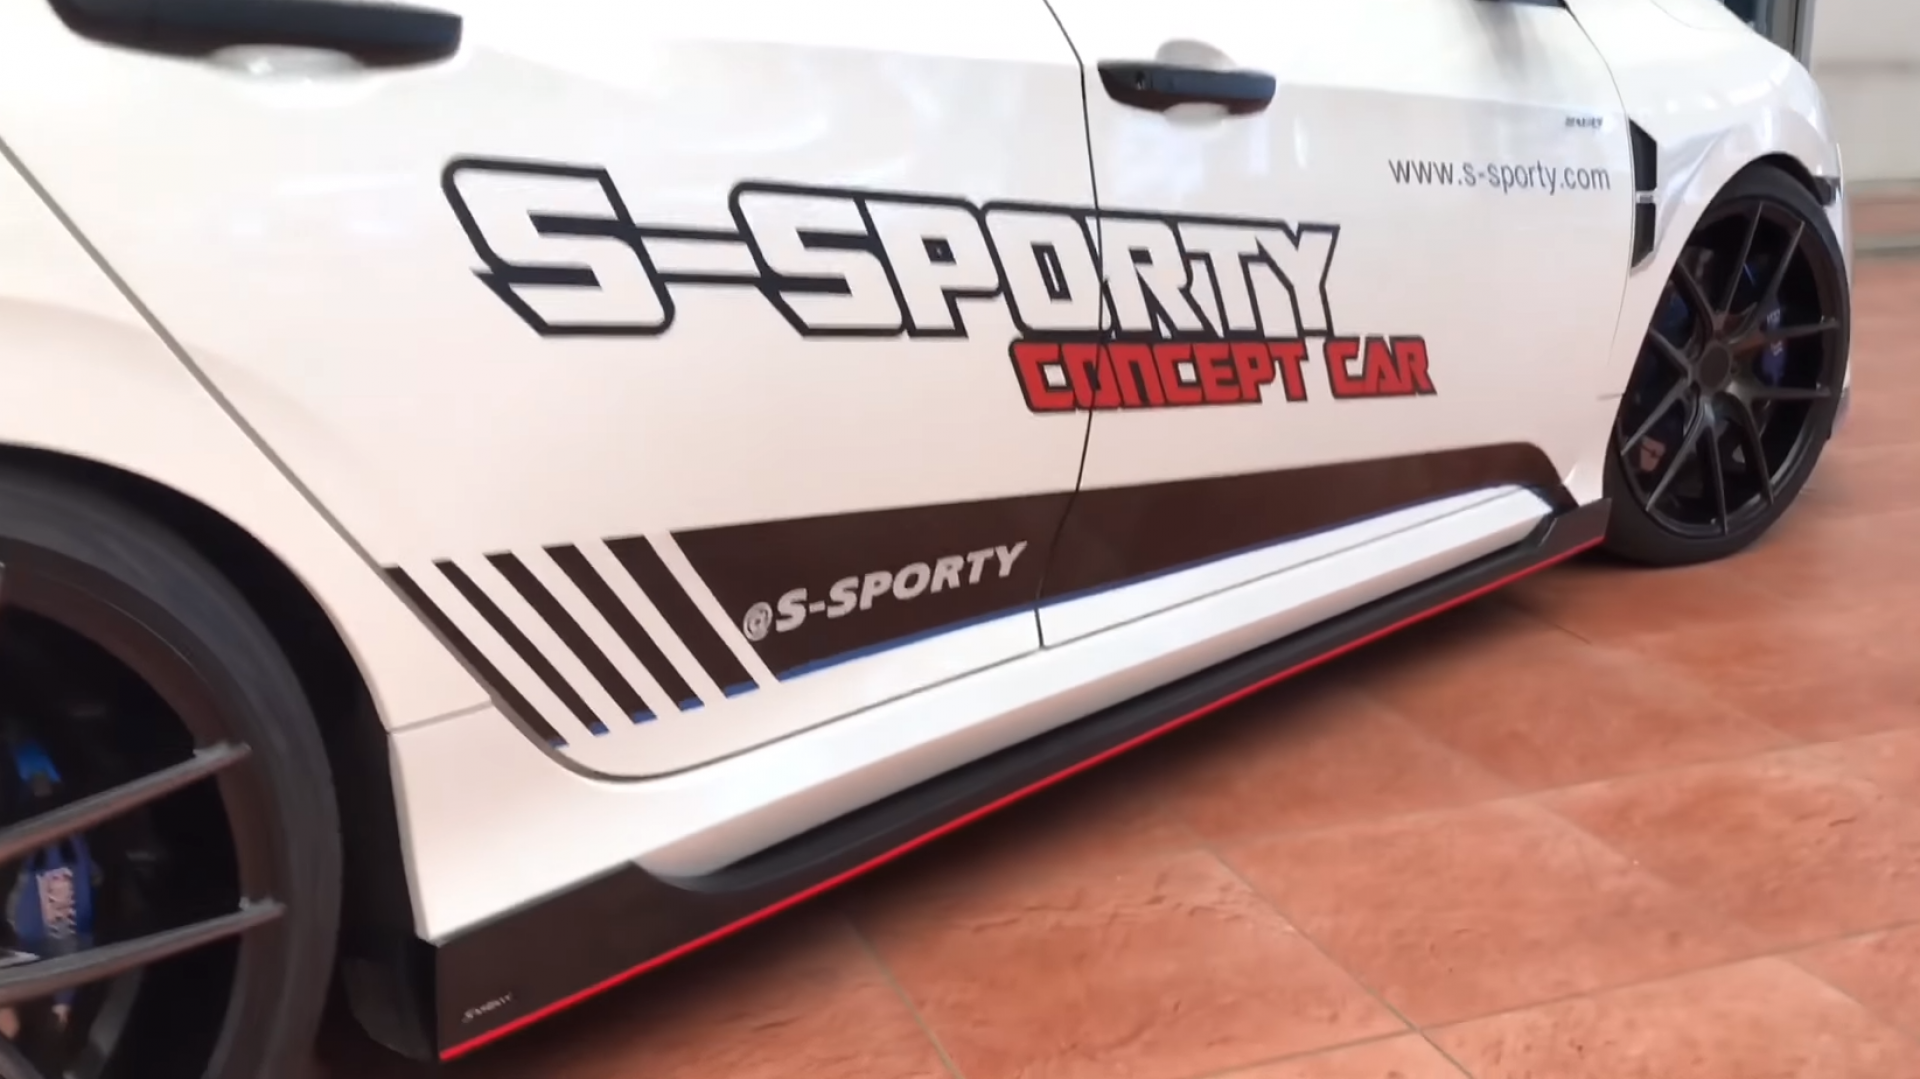 S-Sporty